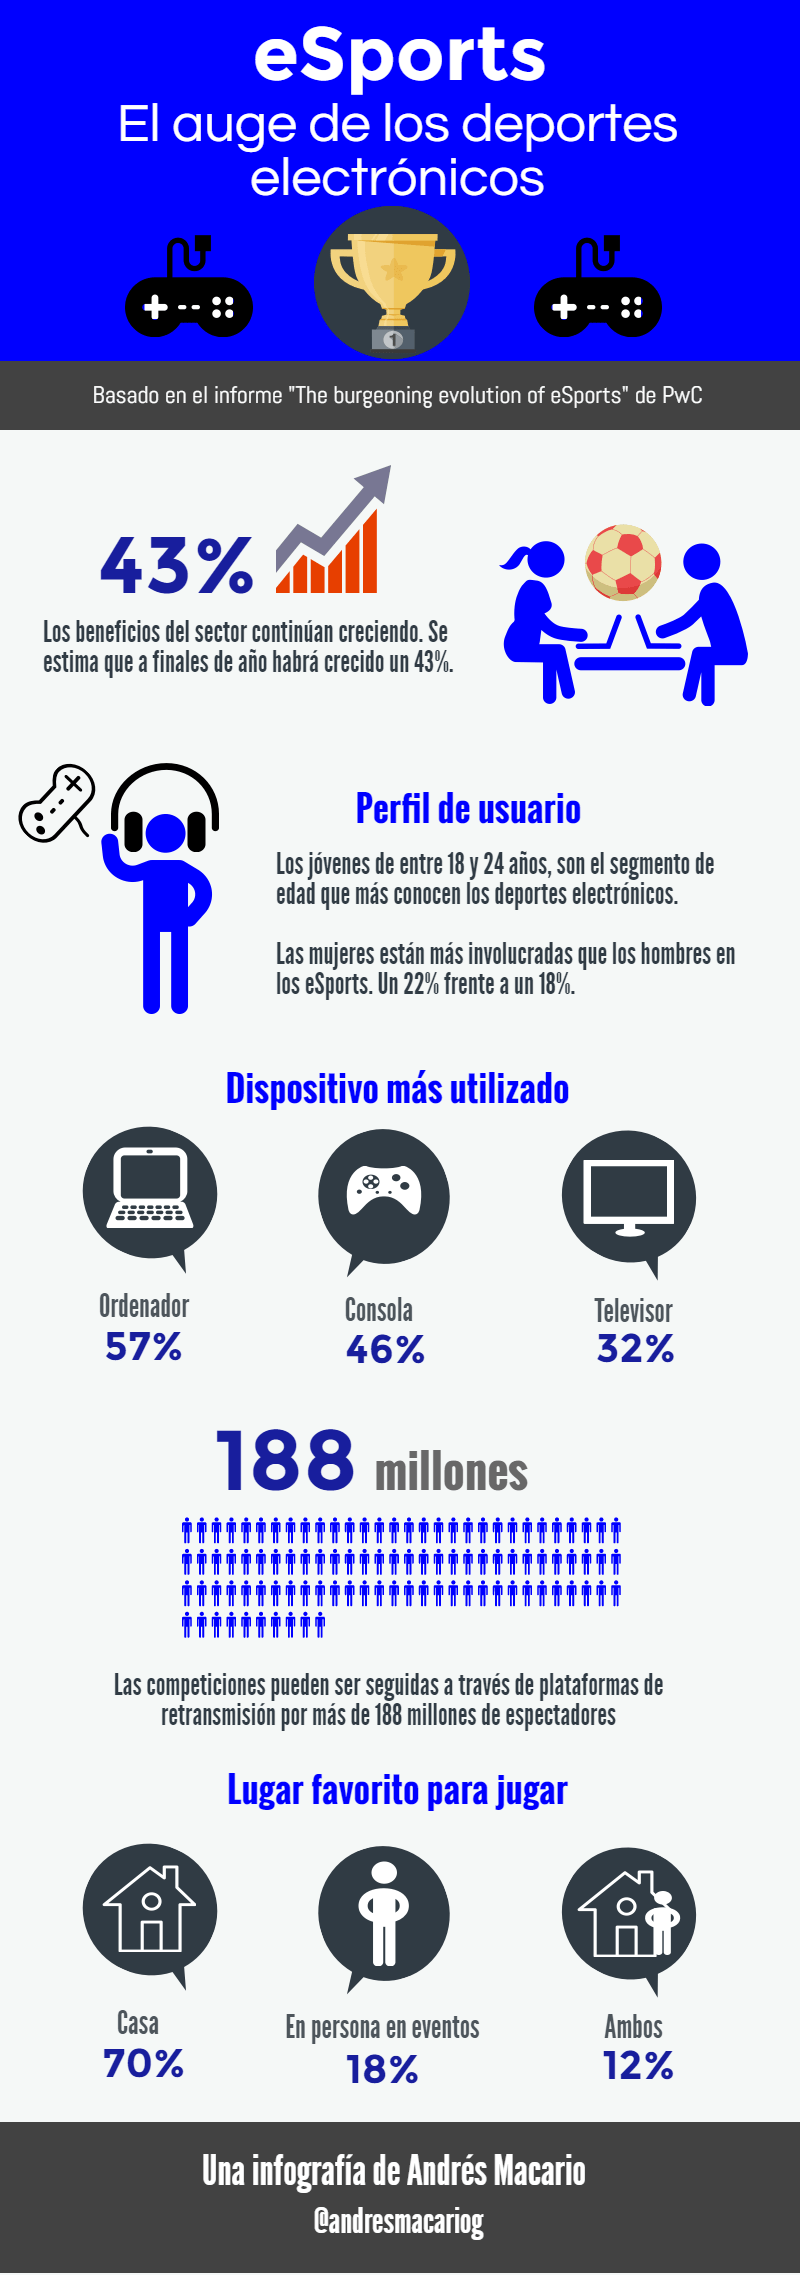 eSports: el auge de los deportes electrónicos